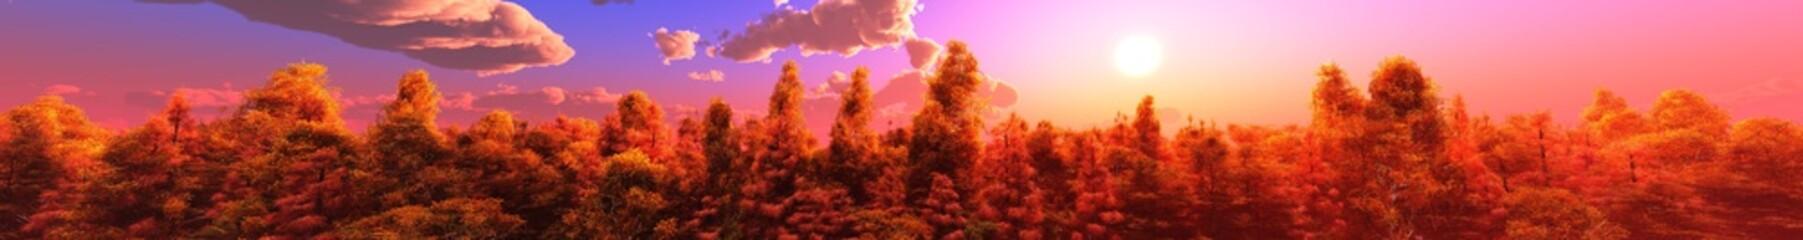 Photo sur Plexiglas Rouge mauve Panorama of the autumn landscape. Autumn park at sunset. Autumn trees under a blue sky with clouds. Banner.